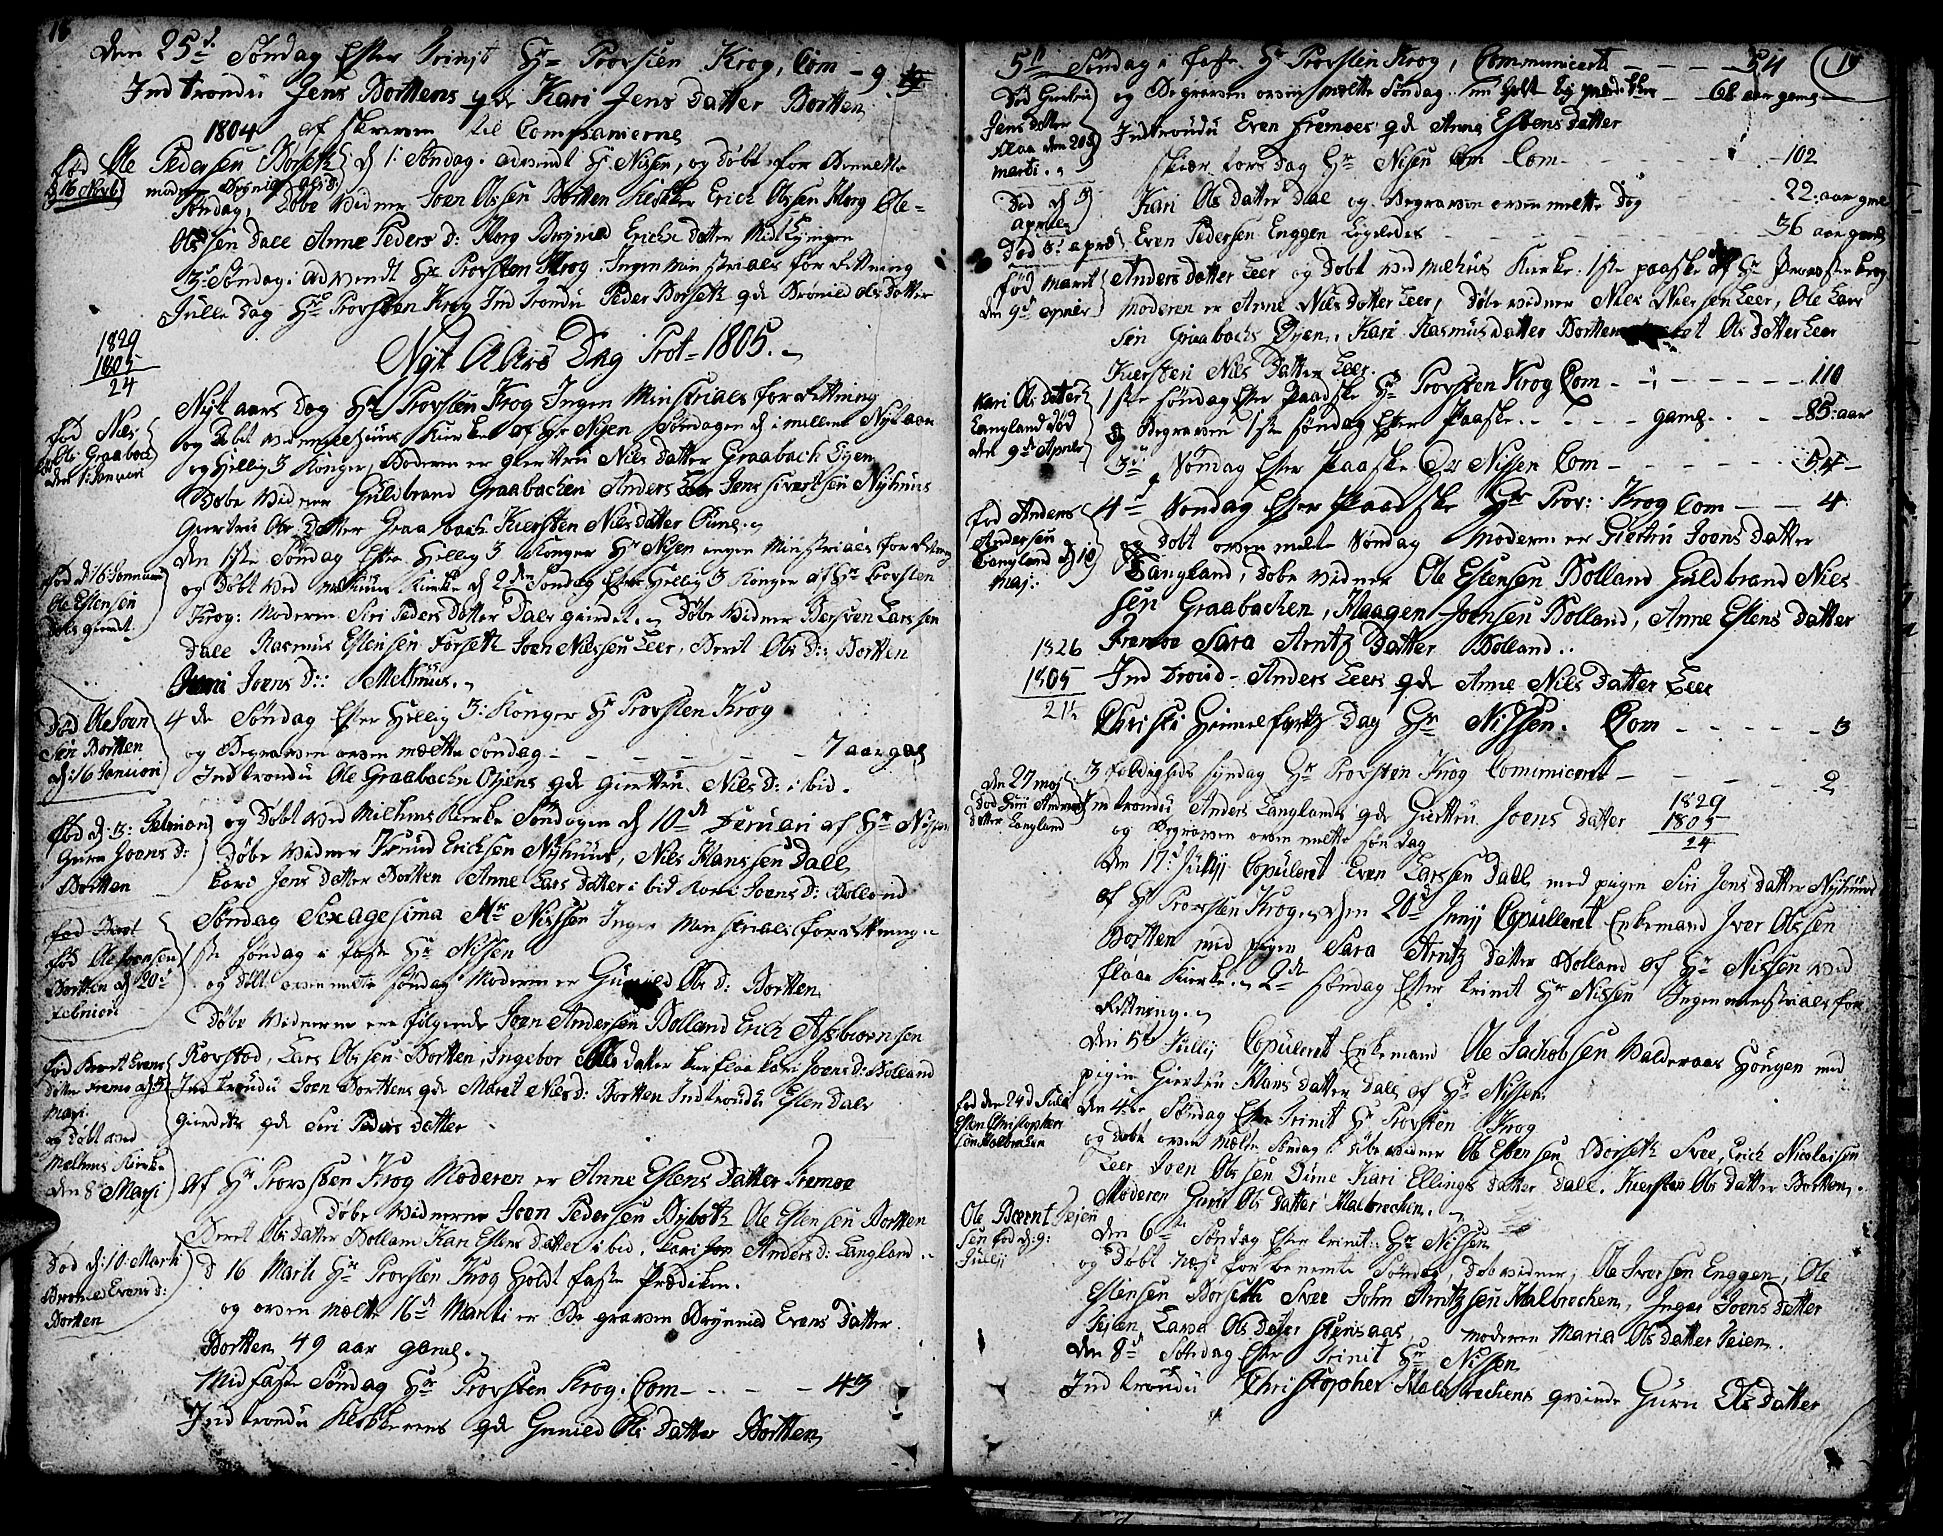 SAT, Ministerialprotokoller, klokkerbøker og fødselsregistre - Sør-Trøndelag, 693/L1120: Klokkerbok nr. 693C01, 1799-1816, s. 18-19